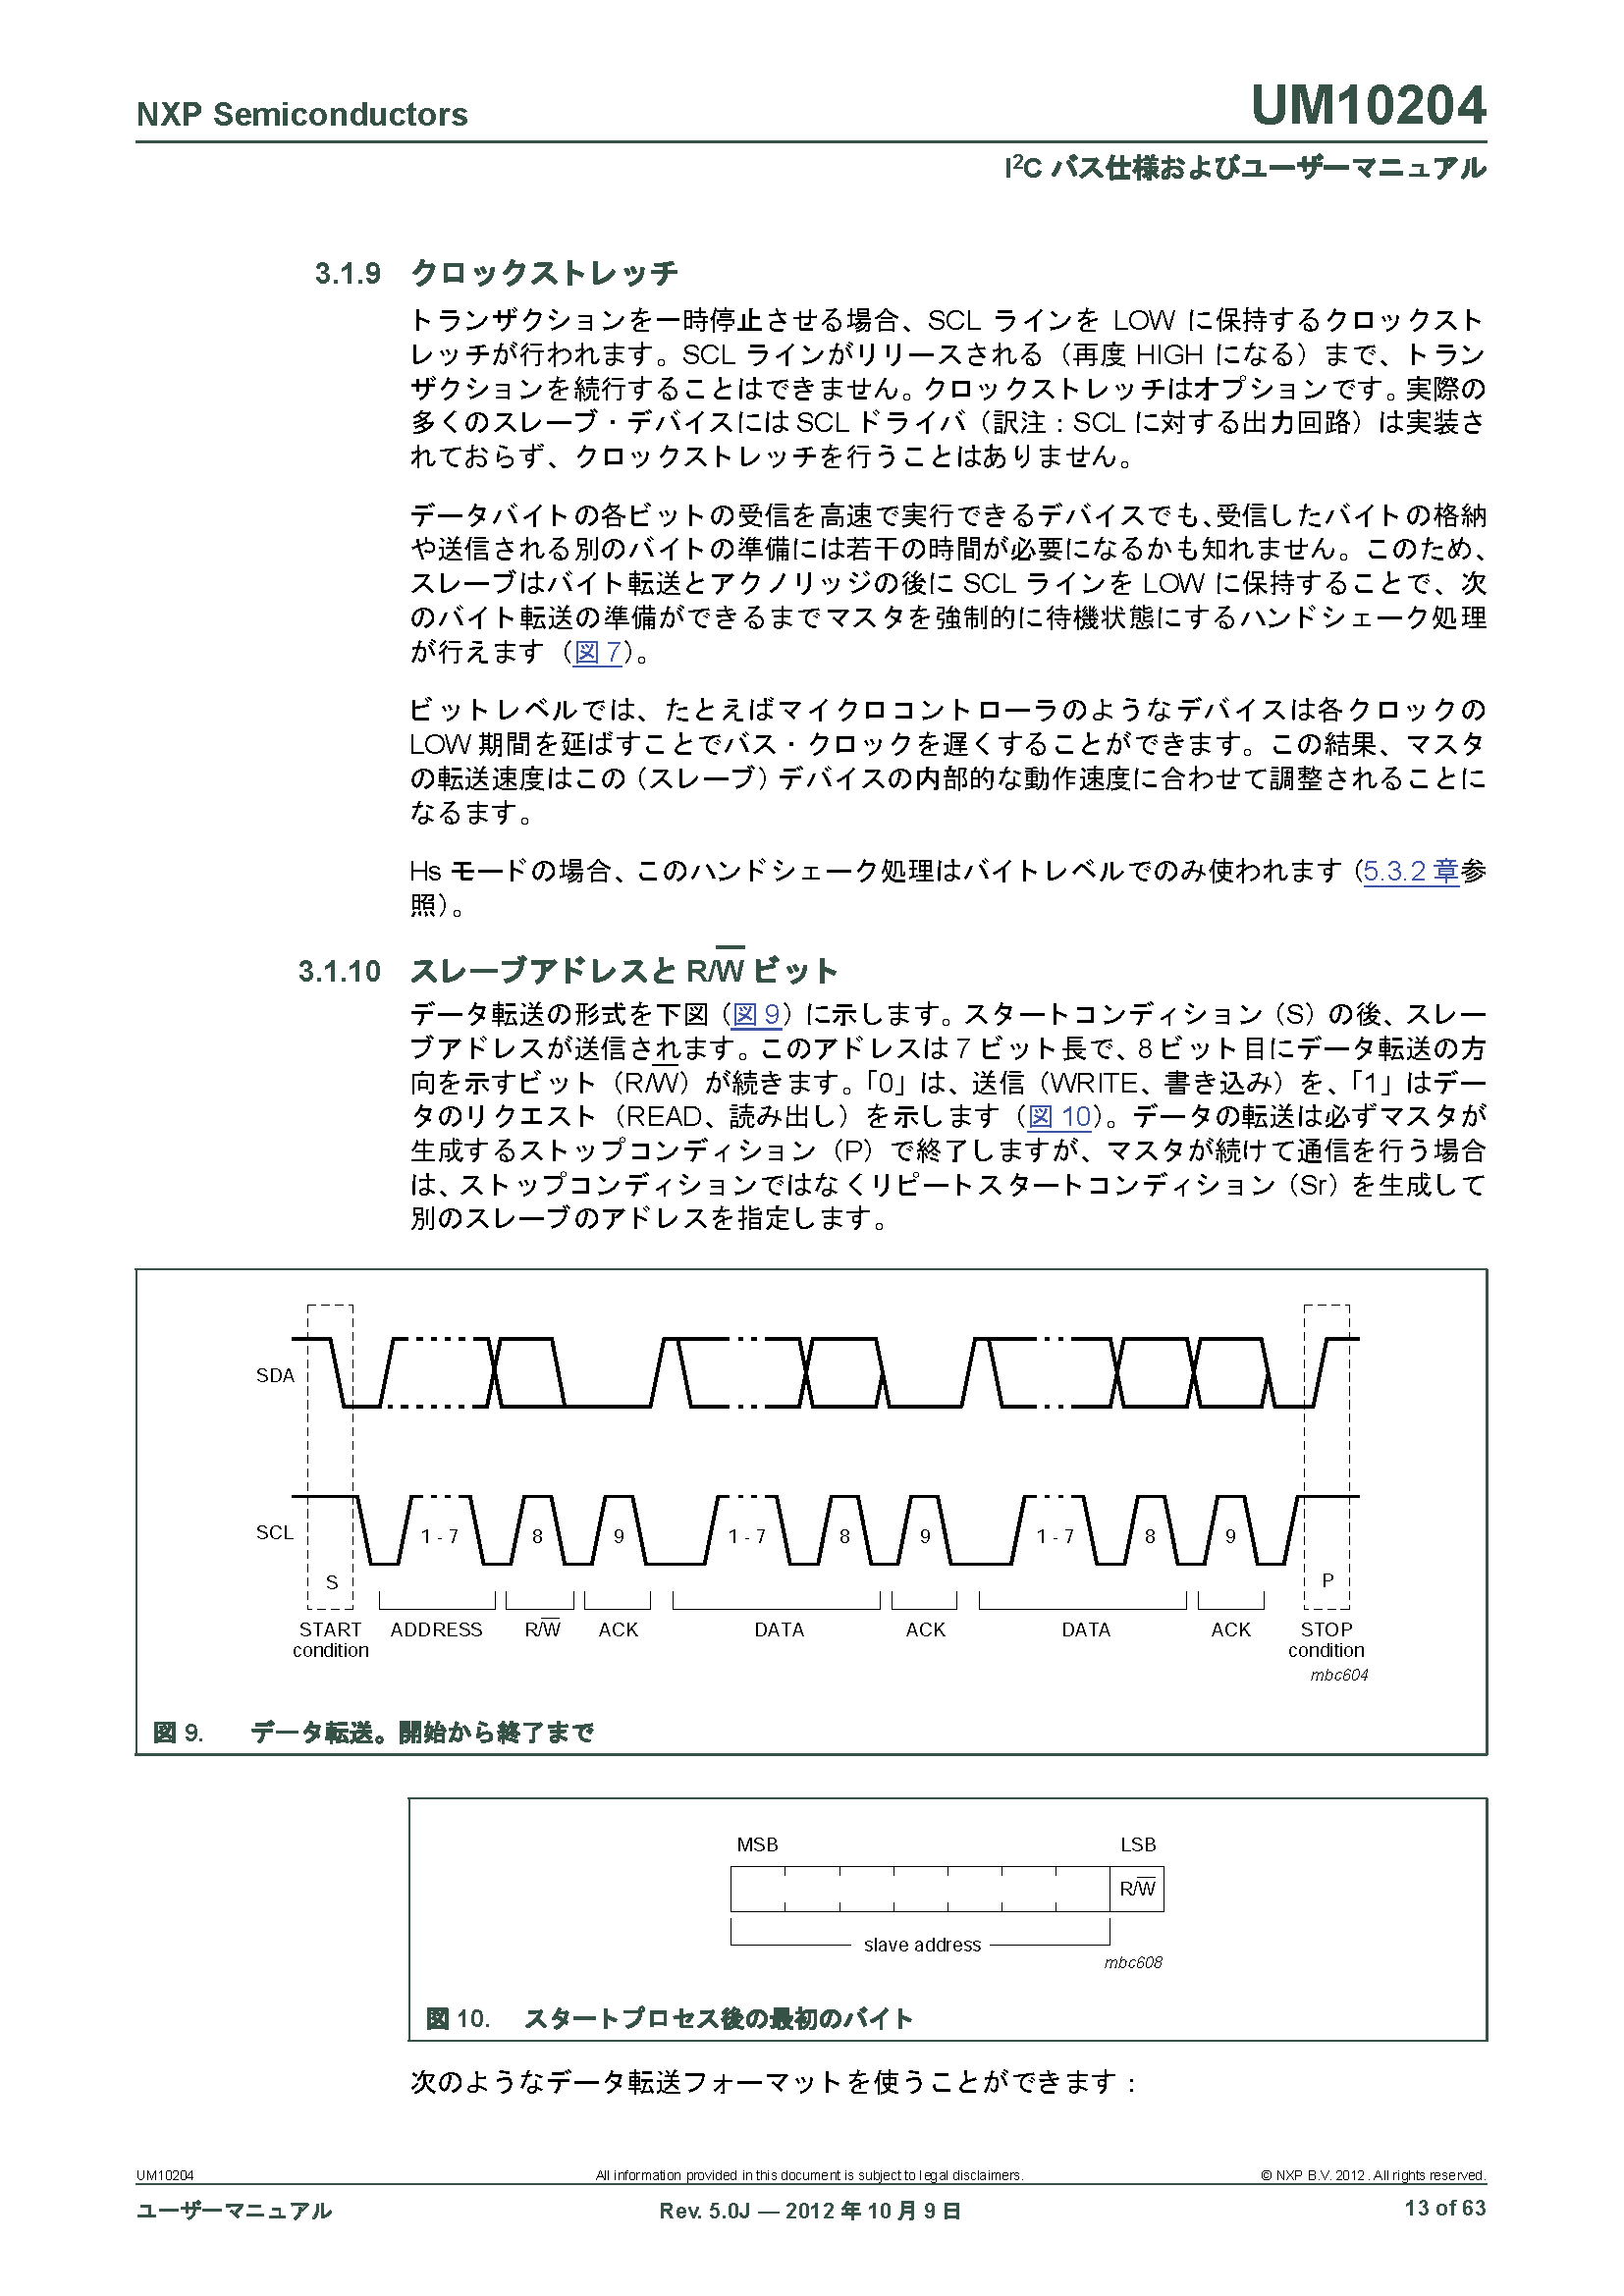 I2C バス仕様およびユーザーマニュアル page.13